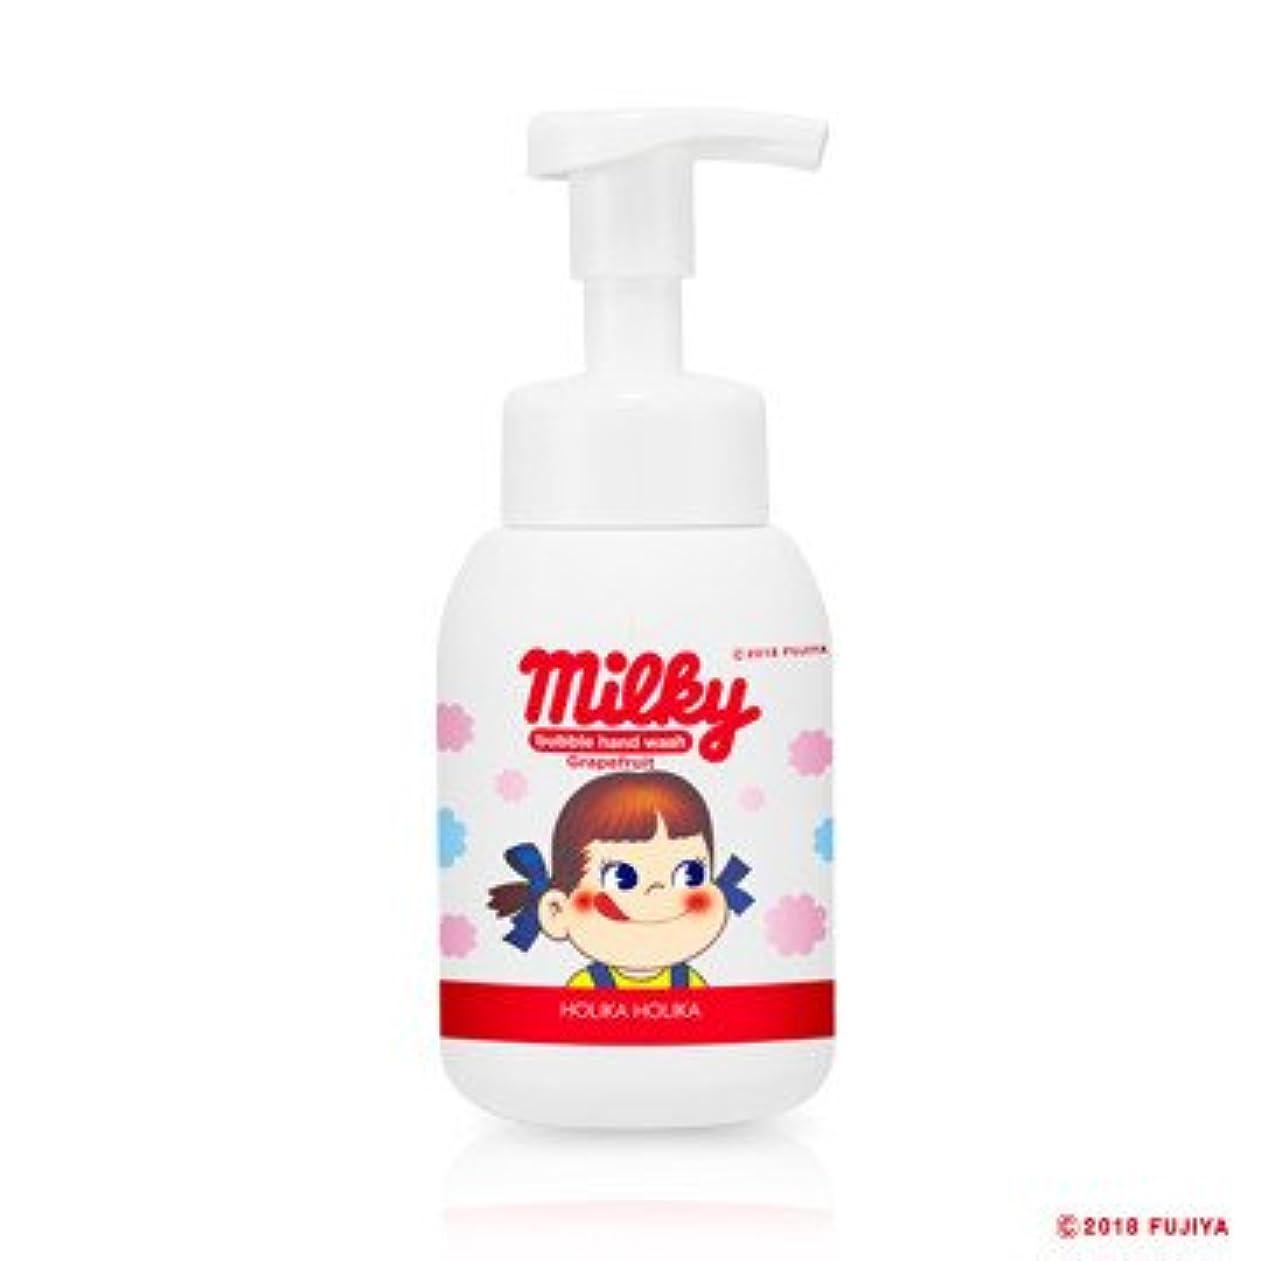 悲鳴汚染された泥Holika Holika [Sweet Peko Edition] Bubble Hand Wash/ホリカホリカ [スイートペコエディション] バブルハンドウォッシュ 250ml [並行輸入品]